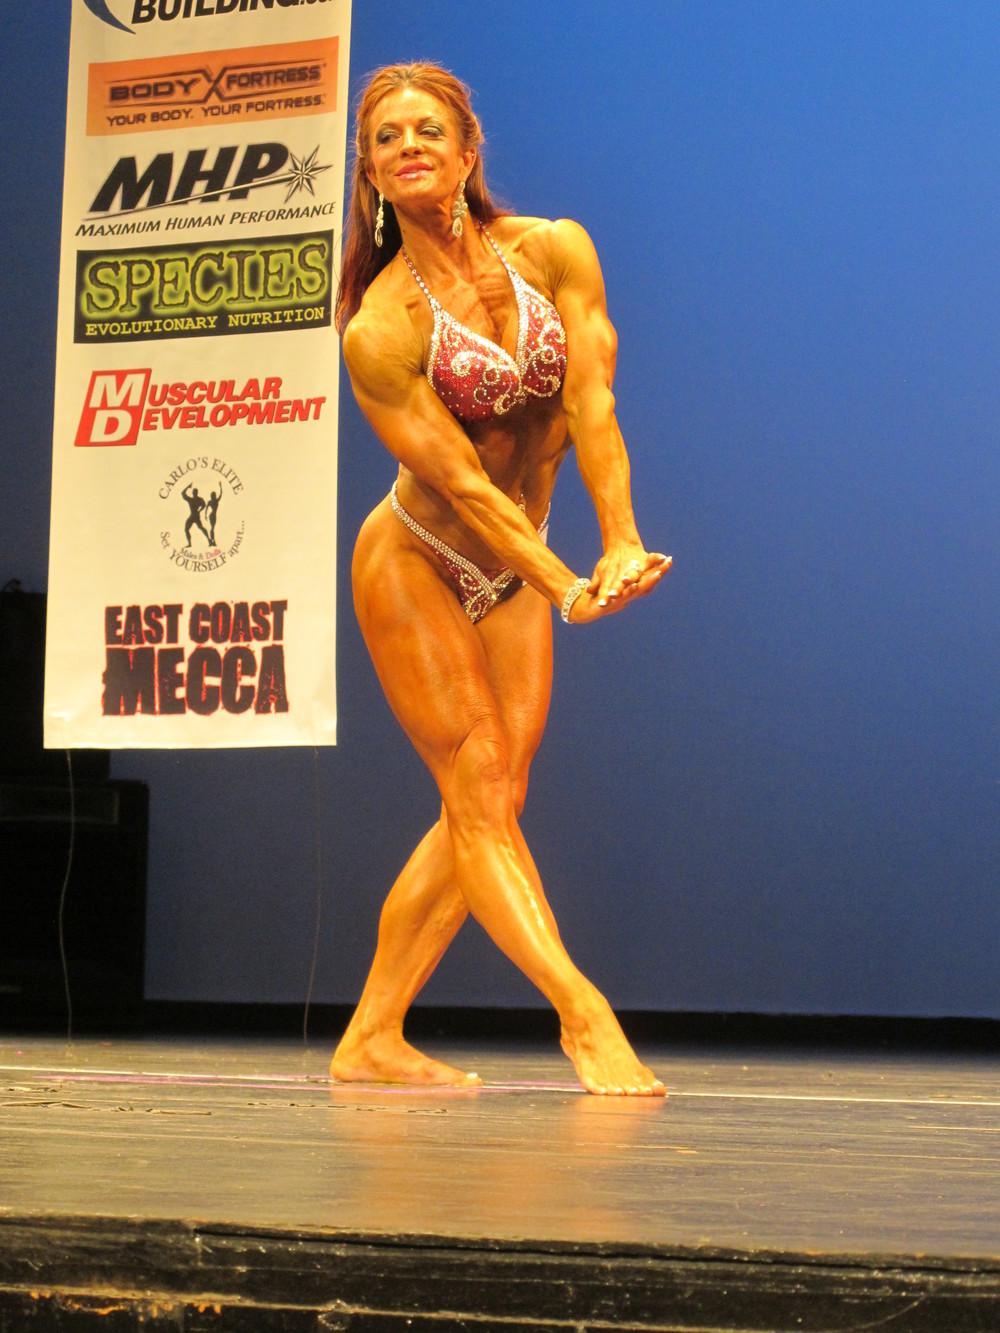 bodybuilding 120.jpg